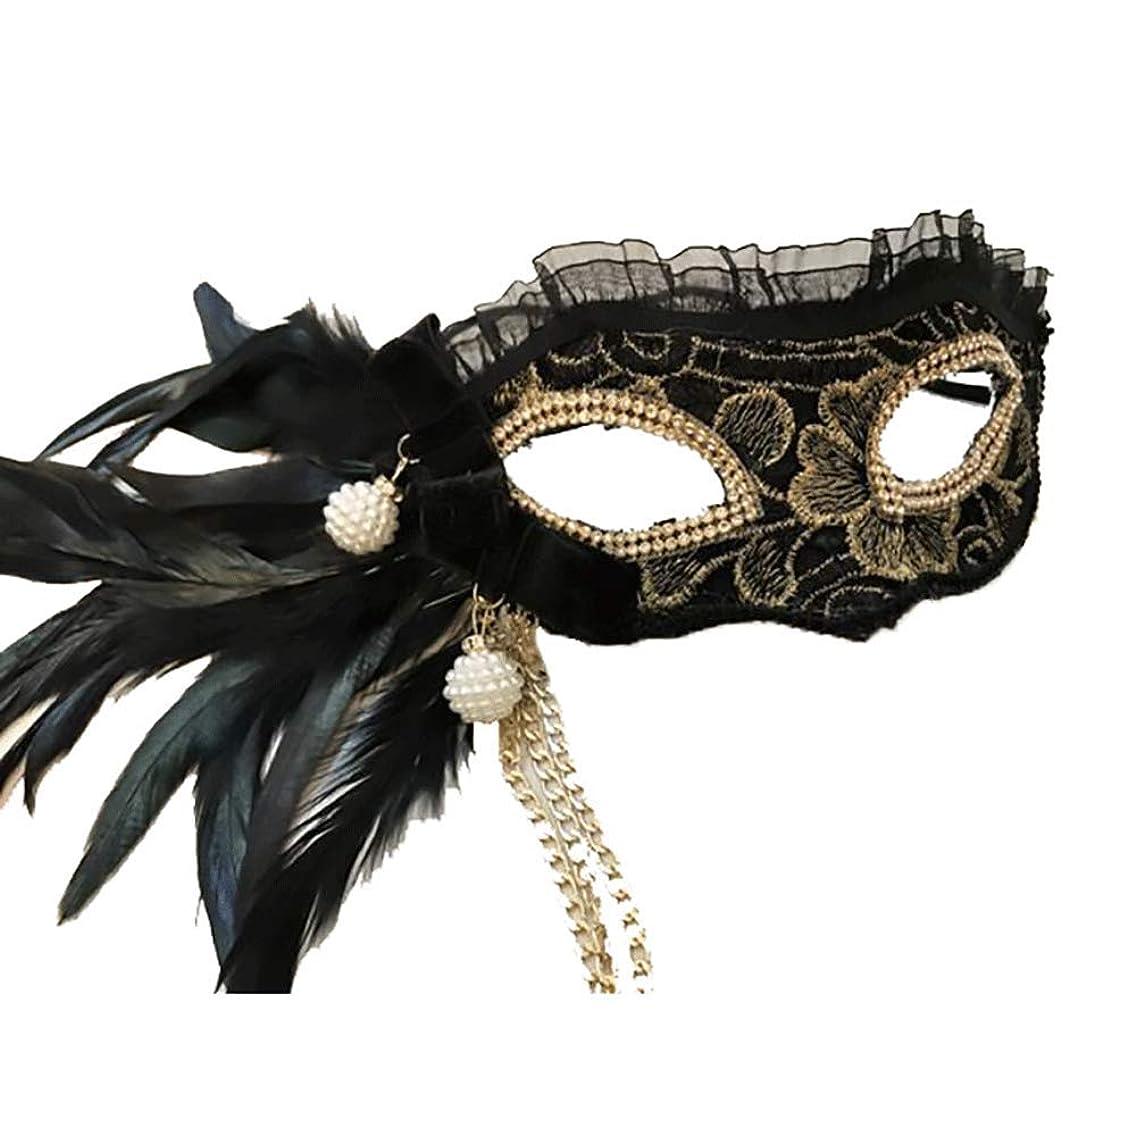 宿泊制限聖域Nanle ハロウィンクリスマスフェザー刺繍フリンジフラワービーズマスク仮装マスクレディミスプリンセス美容祭パーティーデコレーションマスク (色 : Style A)